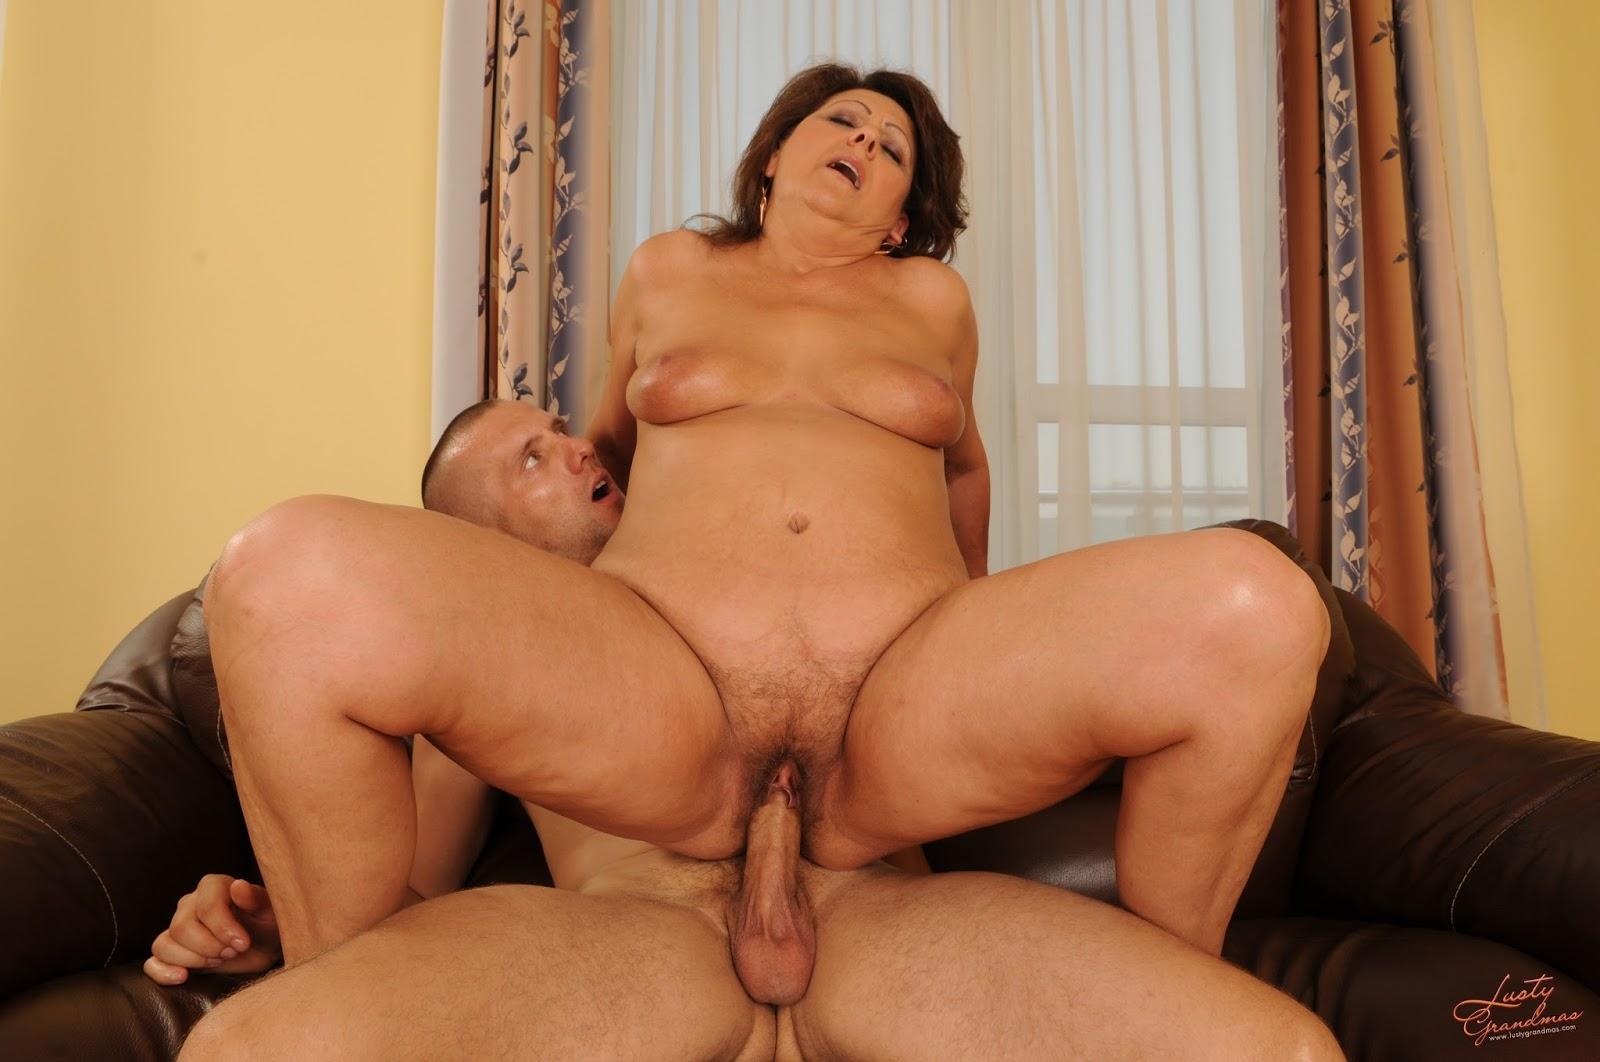 Секс секс зрелая, Русское порно зрелых женщин. Секс видео с мамками 2 фотография